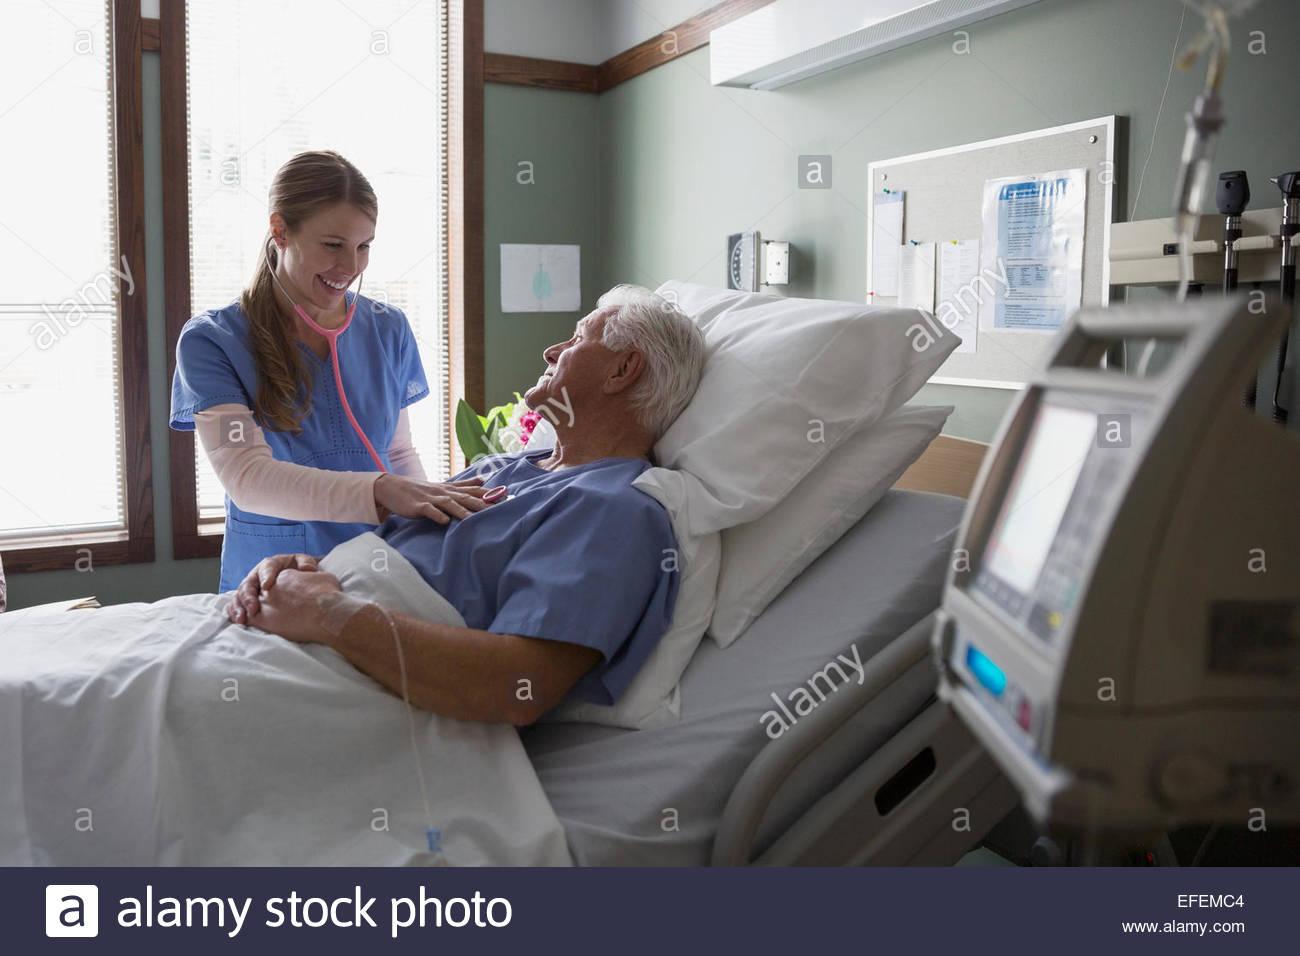 L'aide infirmière stéthoscope sur patient in hospital room Photo Stock